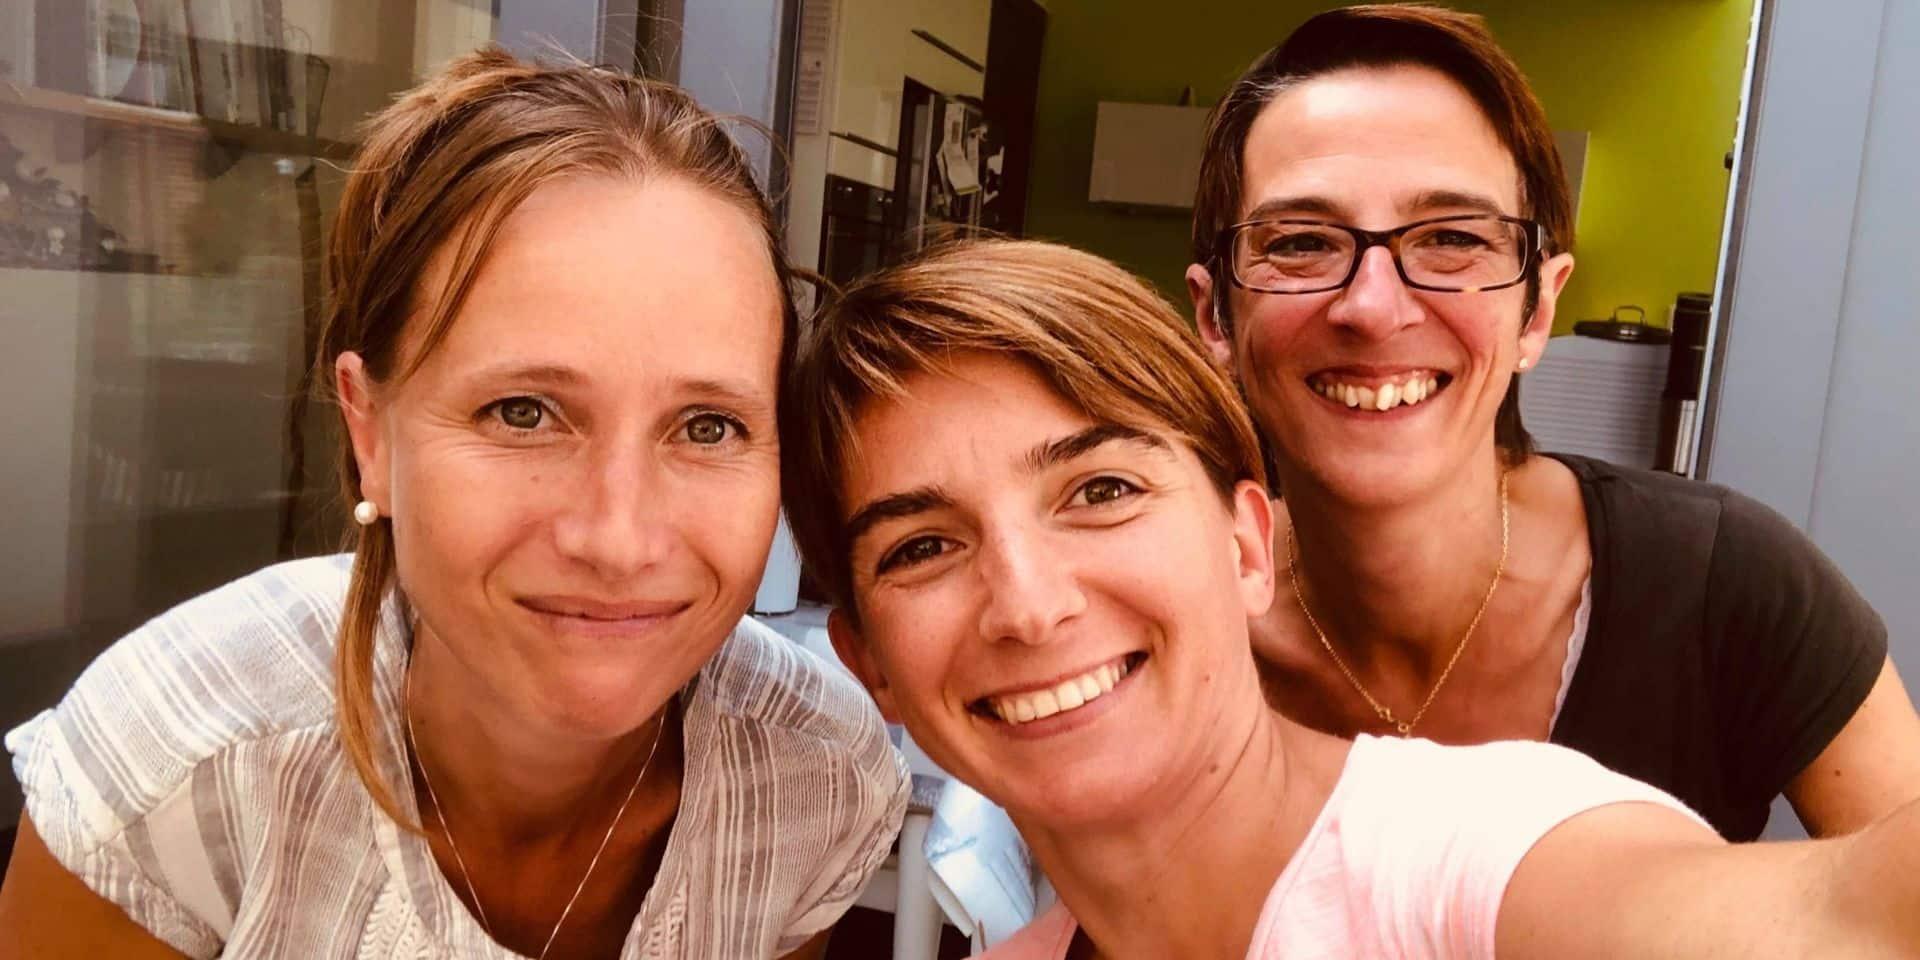 """Trois mamans d'Ecaussinnes s'unissent pour les """"personnes différentes"""""""